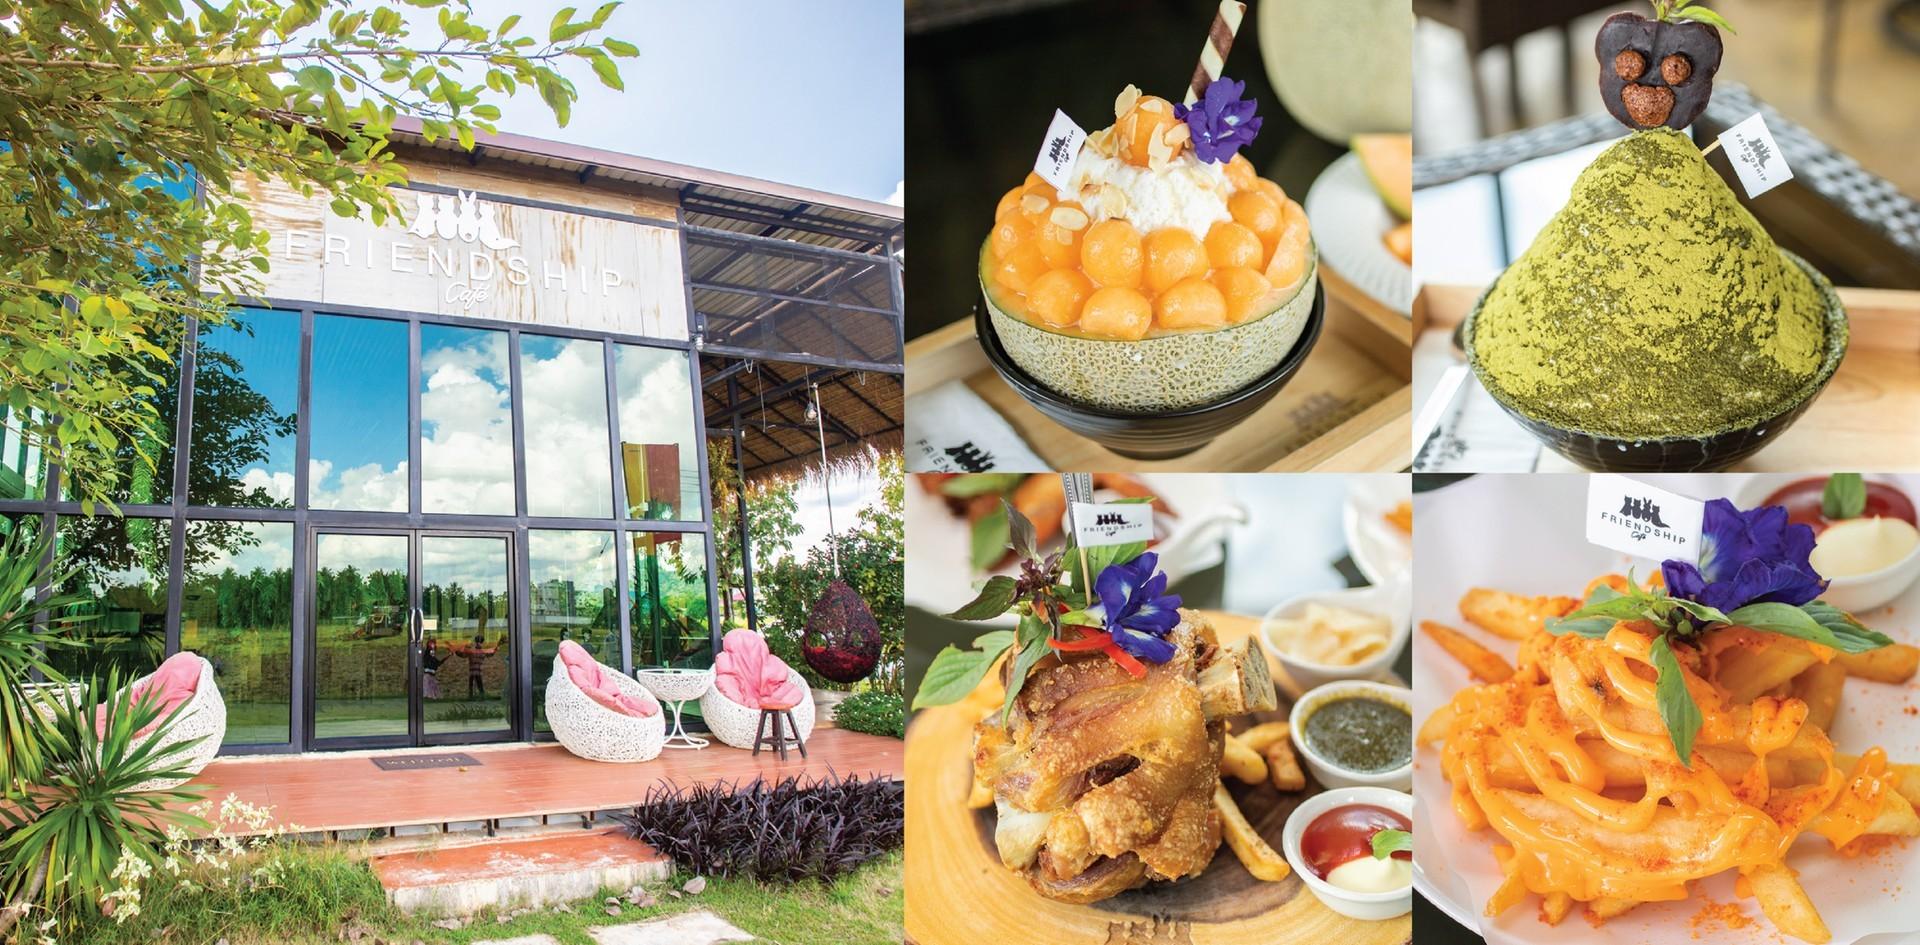 [รีวิว] ร้าน Friendship Cafe จ.สุโขทัย คาเฟ่น่ารักท่ามกลางธรรมชาติ